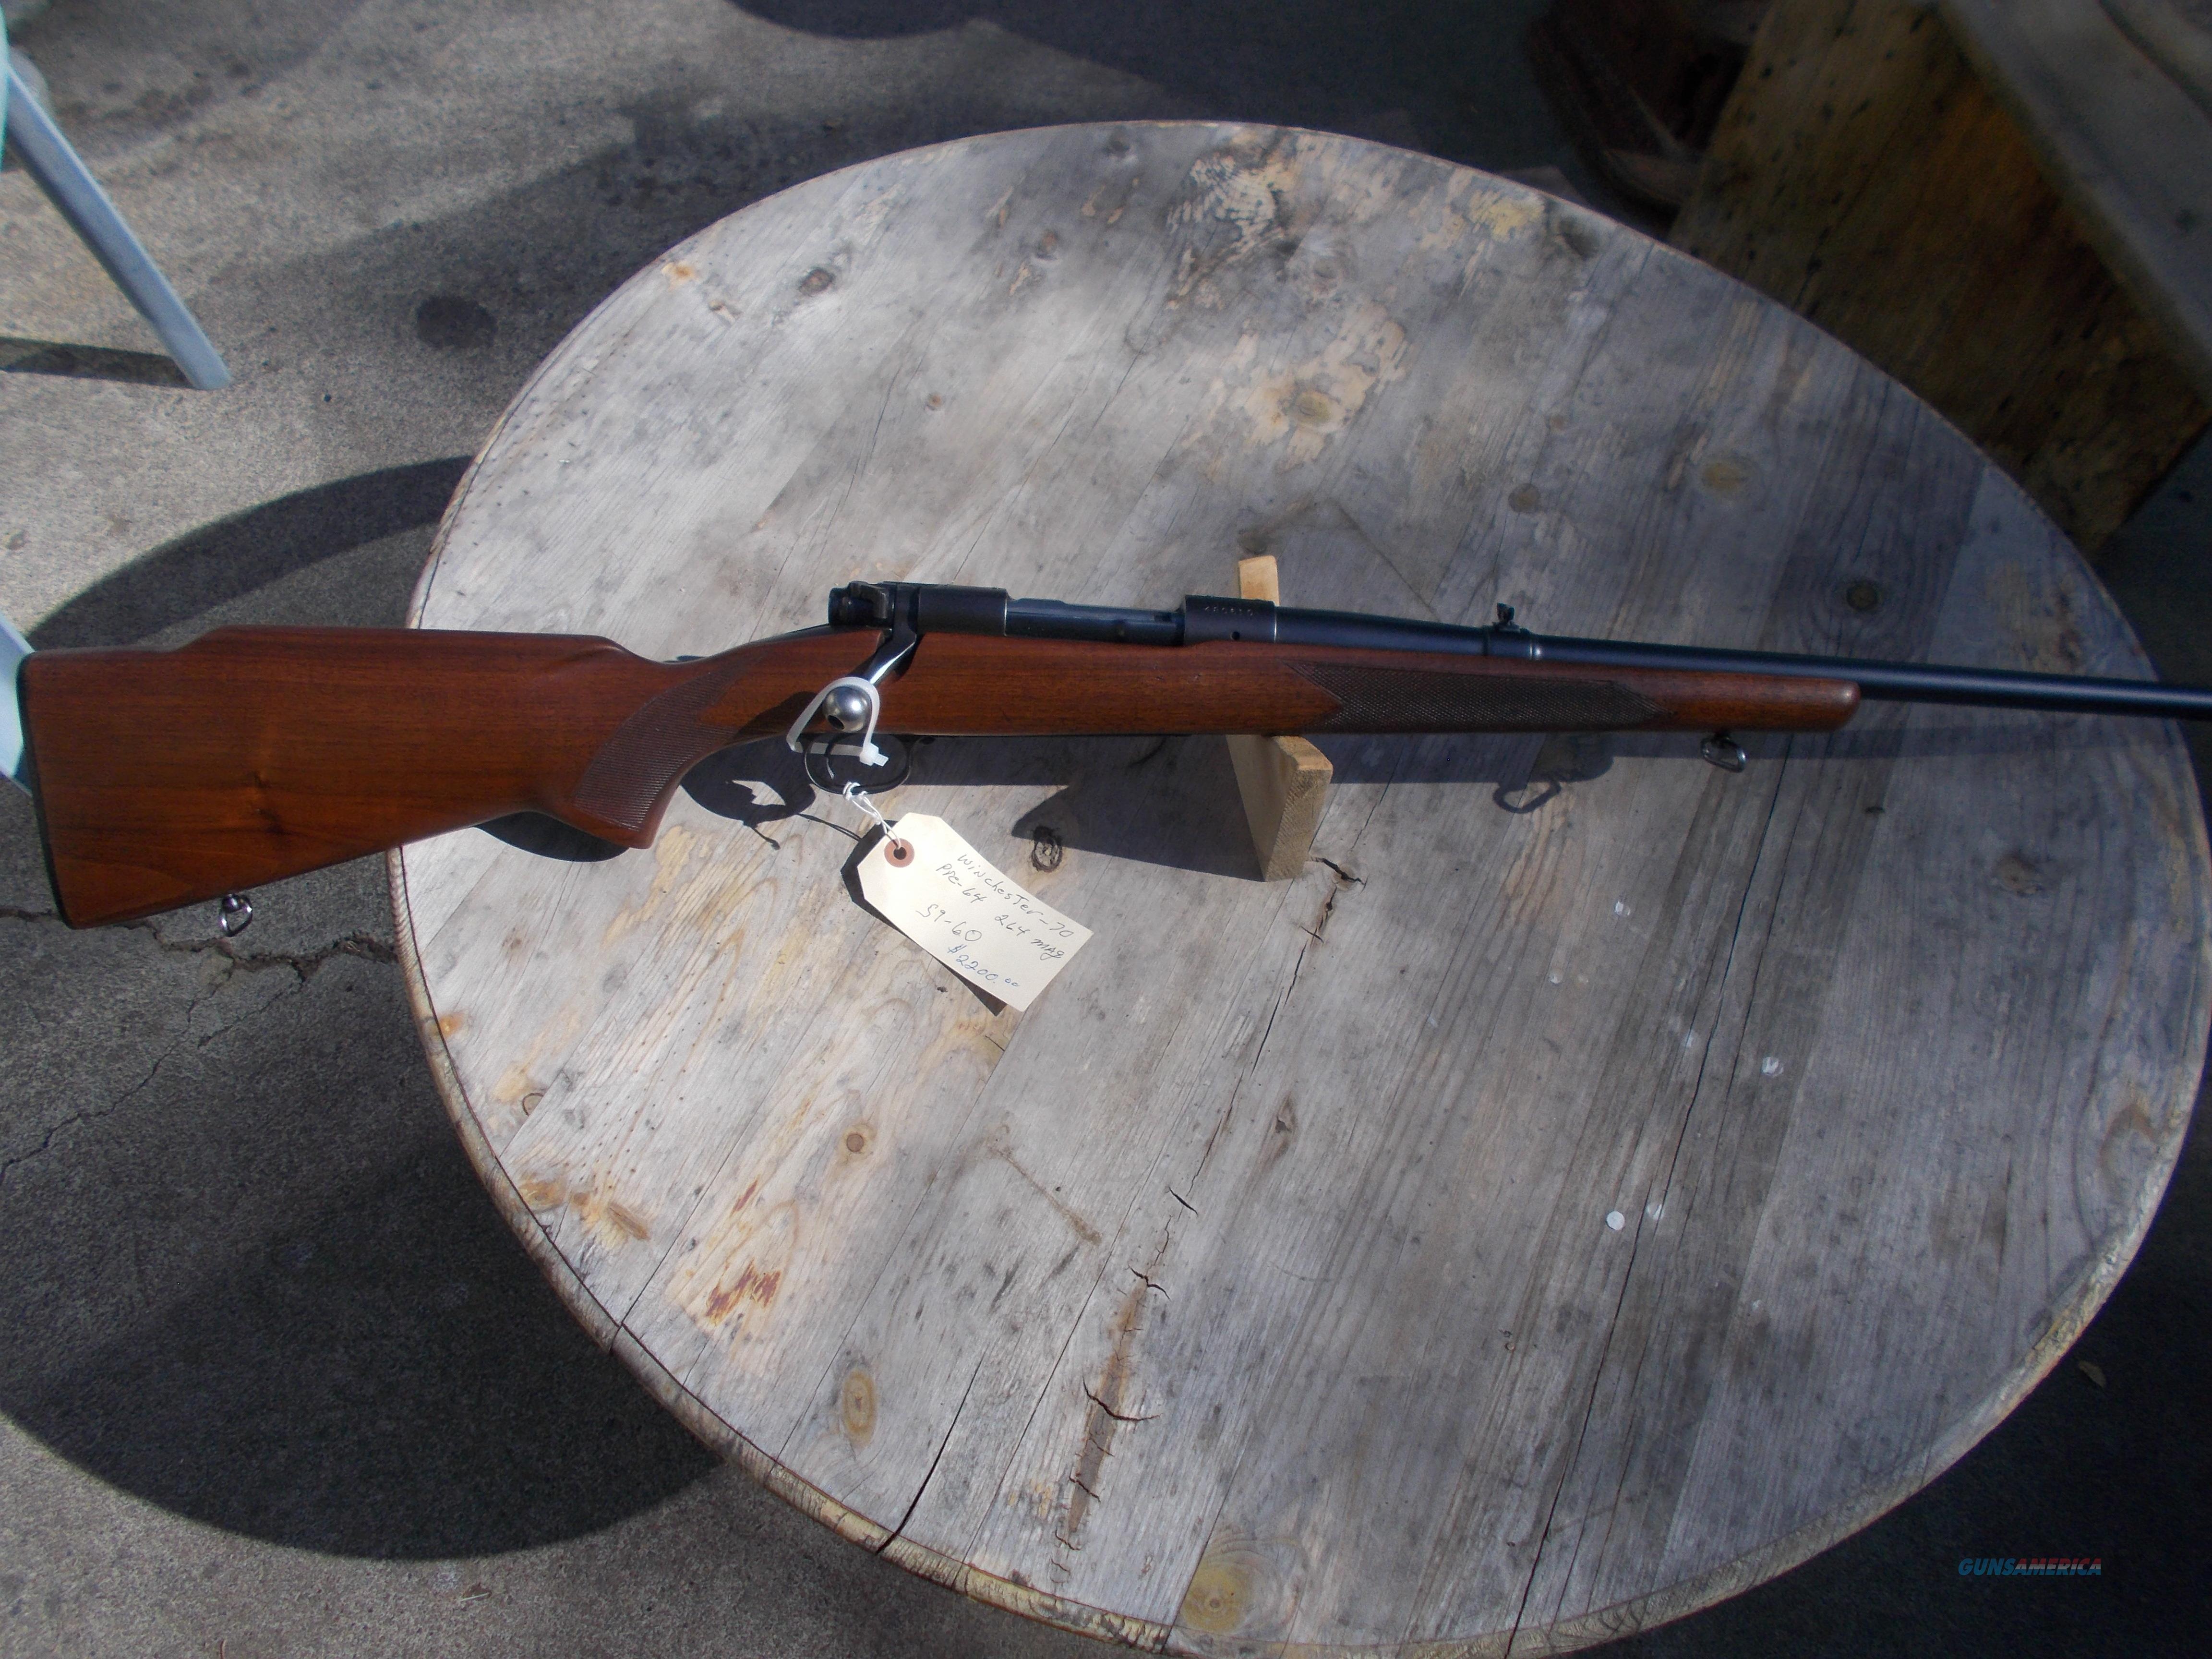 pre 64 264 win mag winchester model70  Guns > Rifles > Winchester Rifles - Modern Bolt/Auto/Single > Model 70 > Pre-64